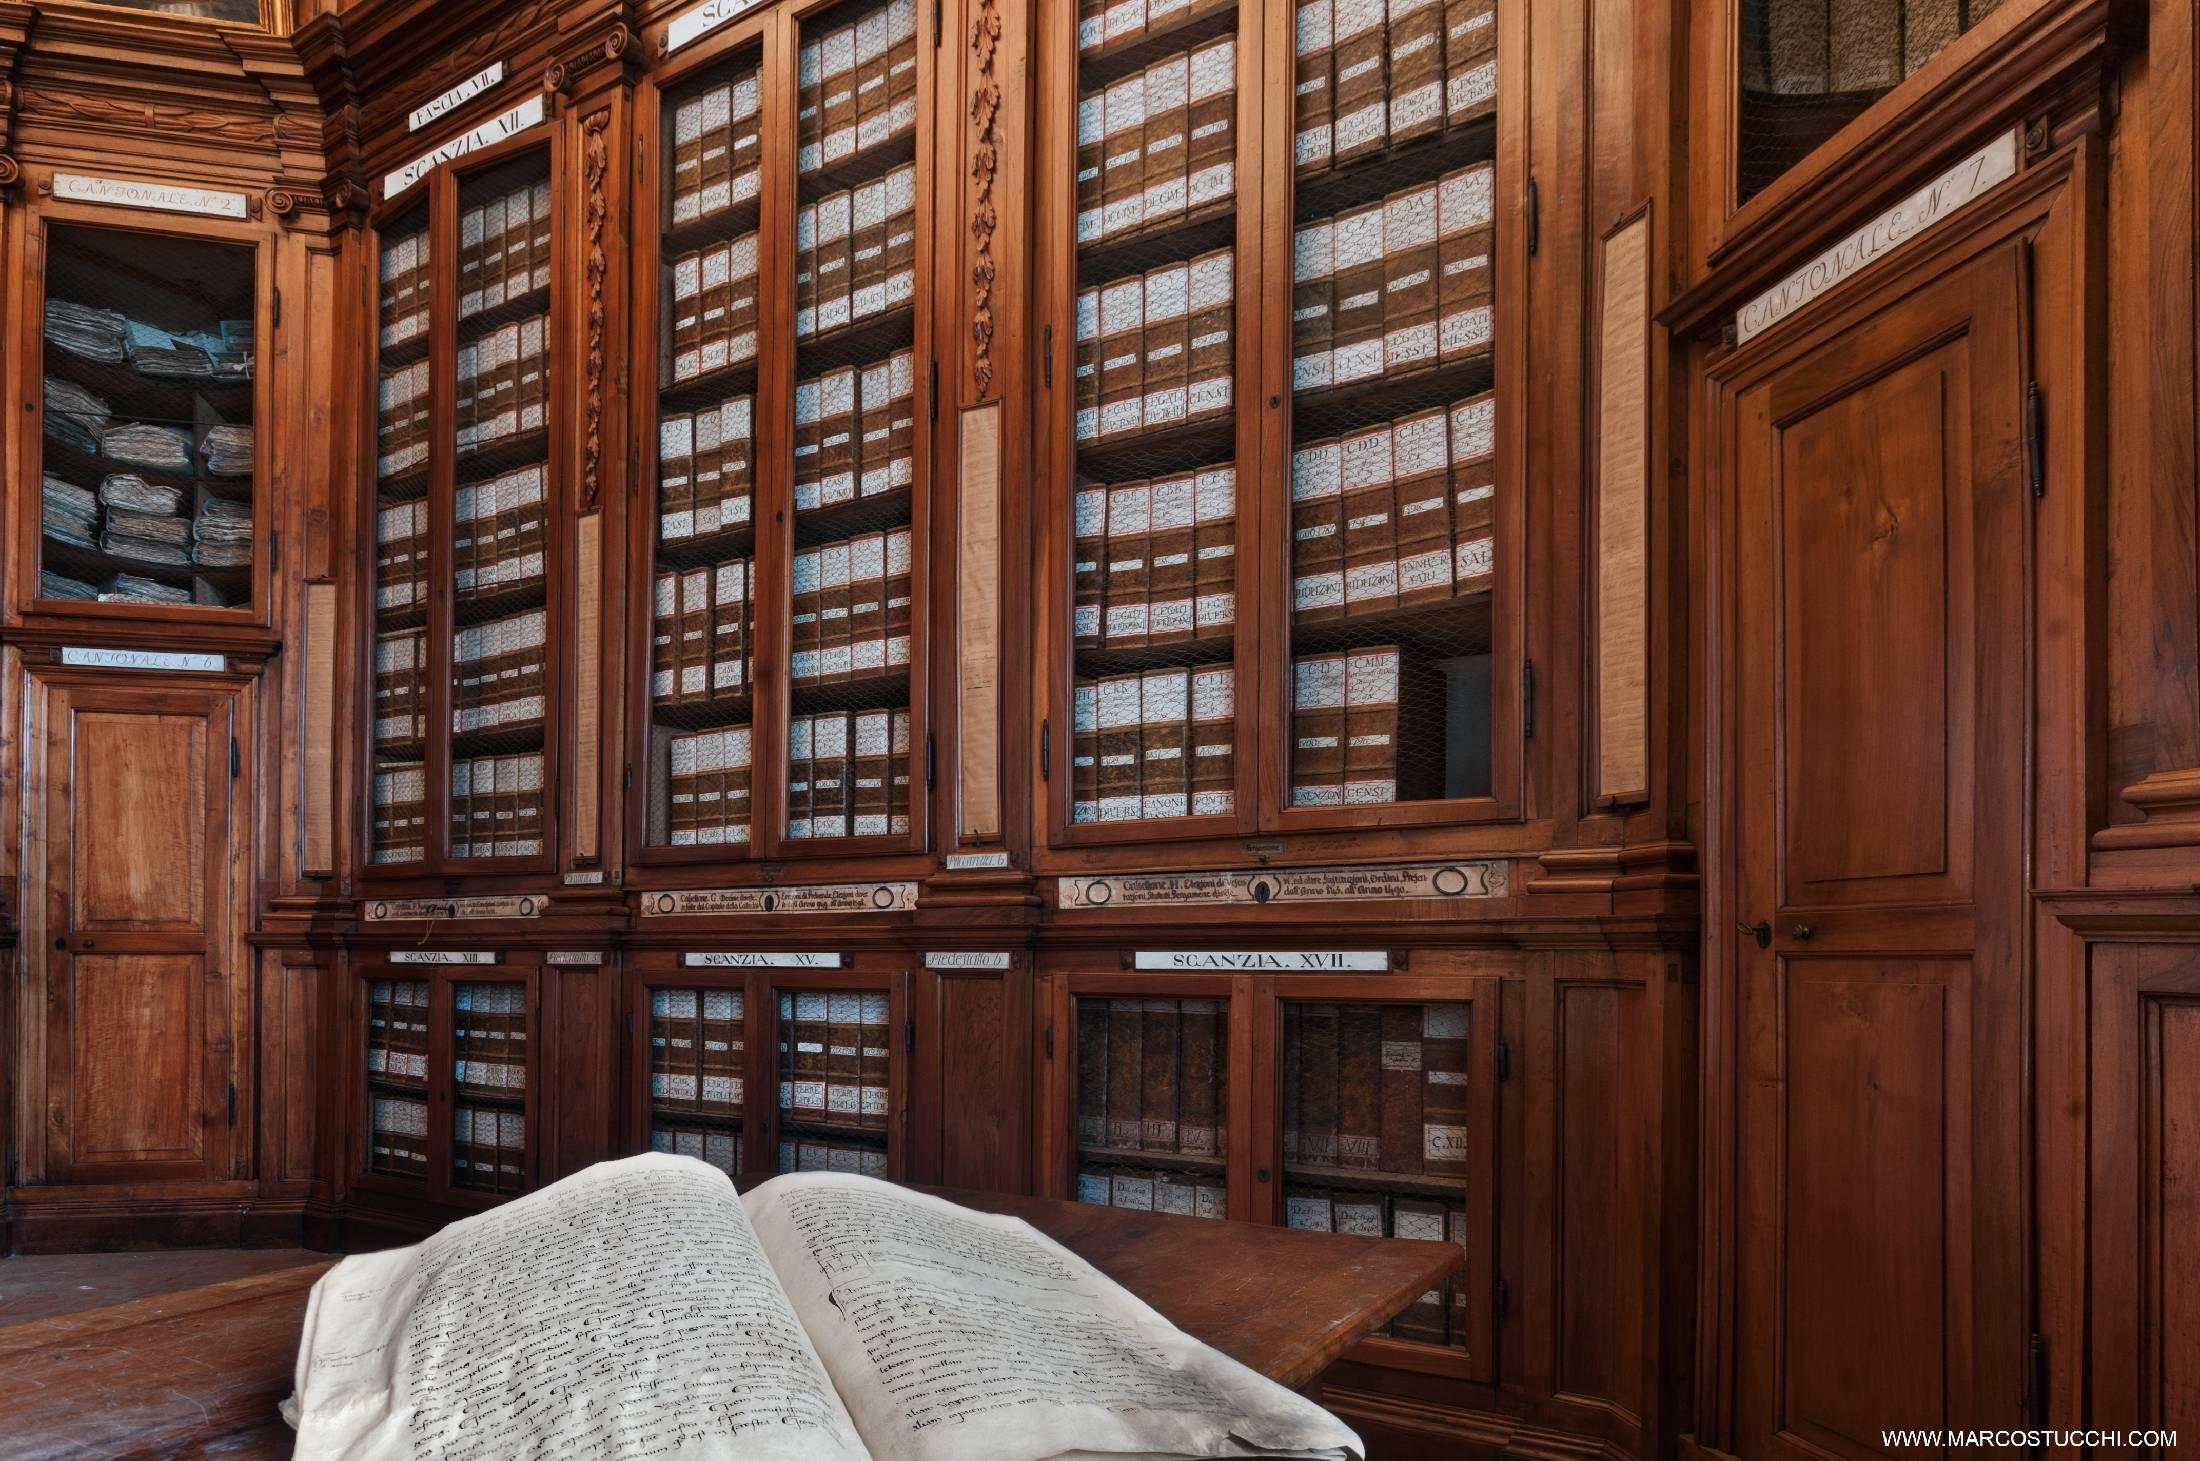 Archivio e Biblioteca Capitolare della Cattedrale